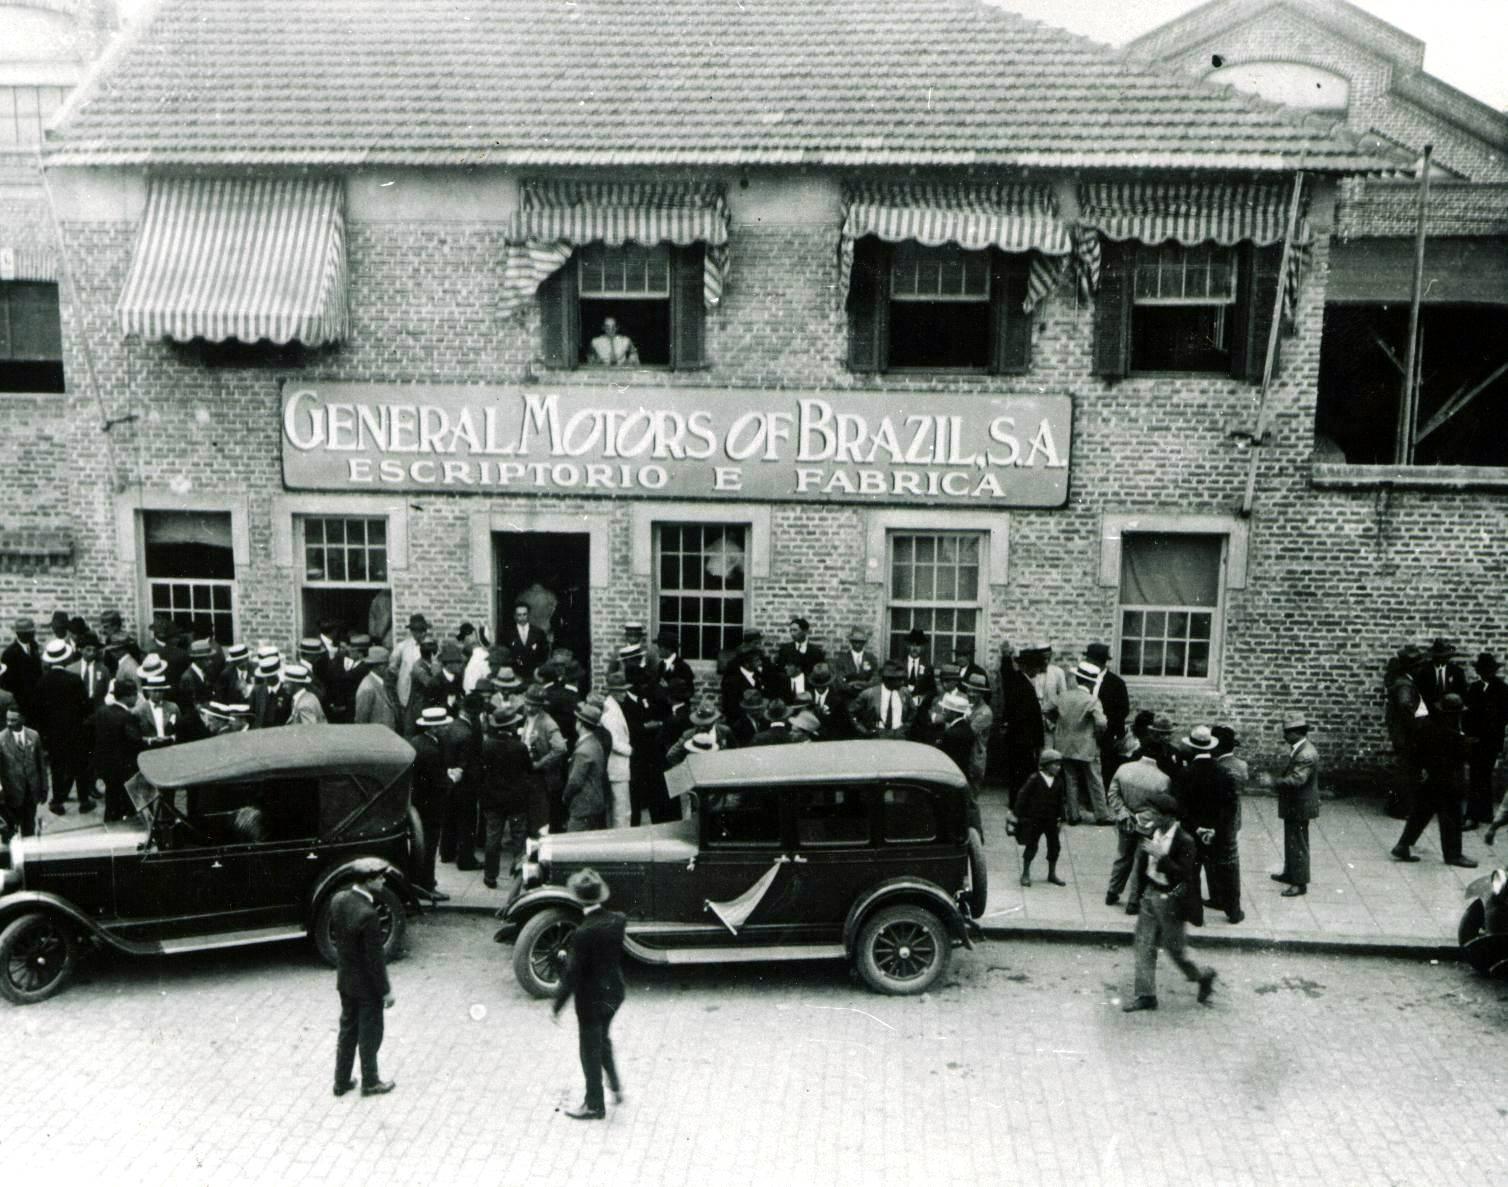 Primeira sede da GM no Brasil, no bairro do Ipiranga, em 1925